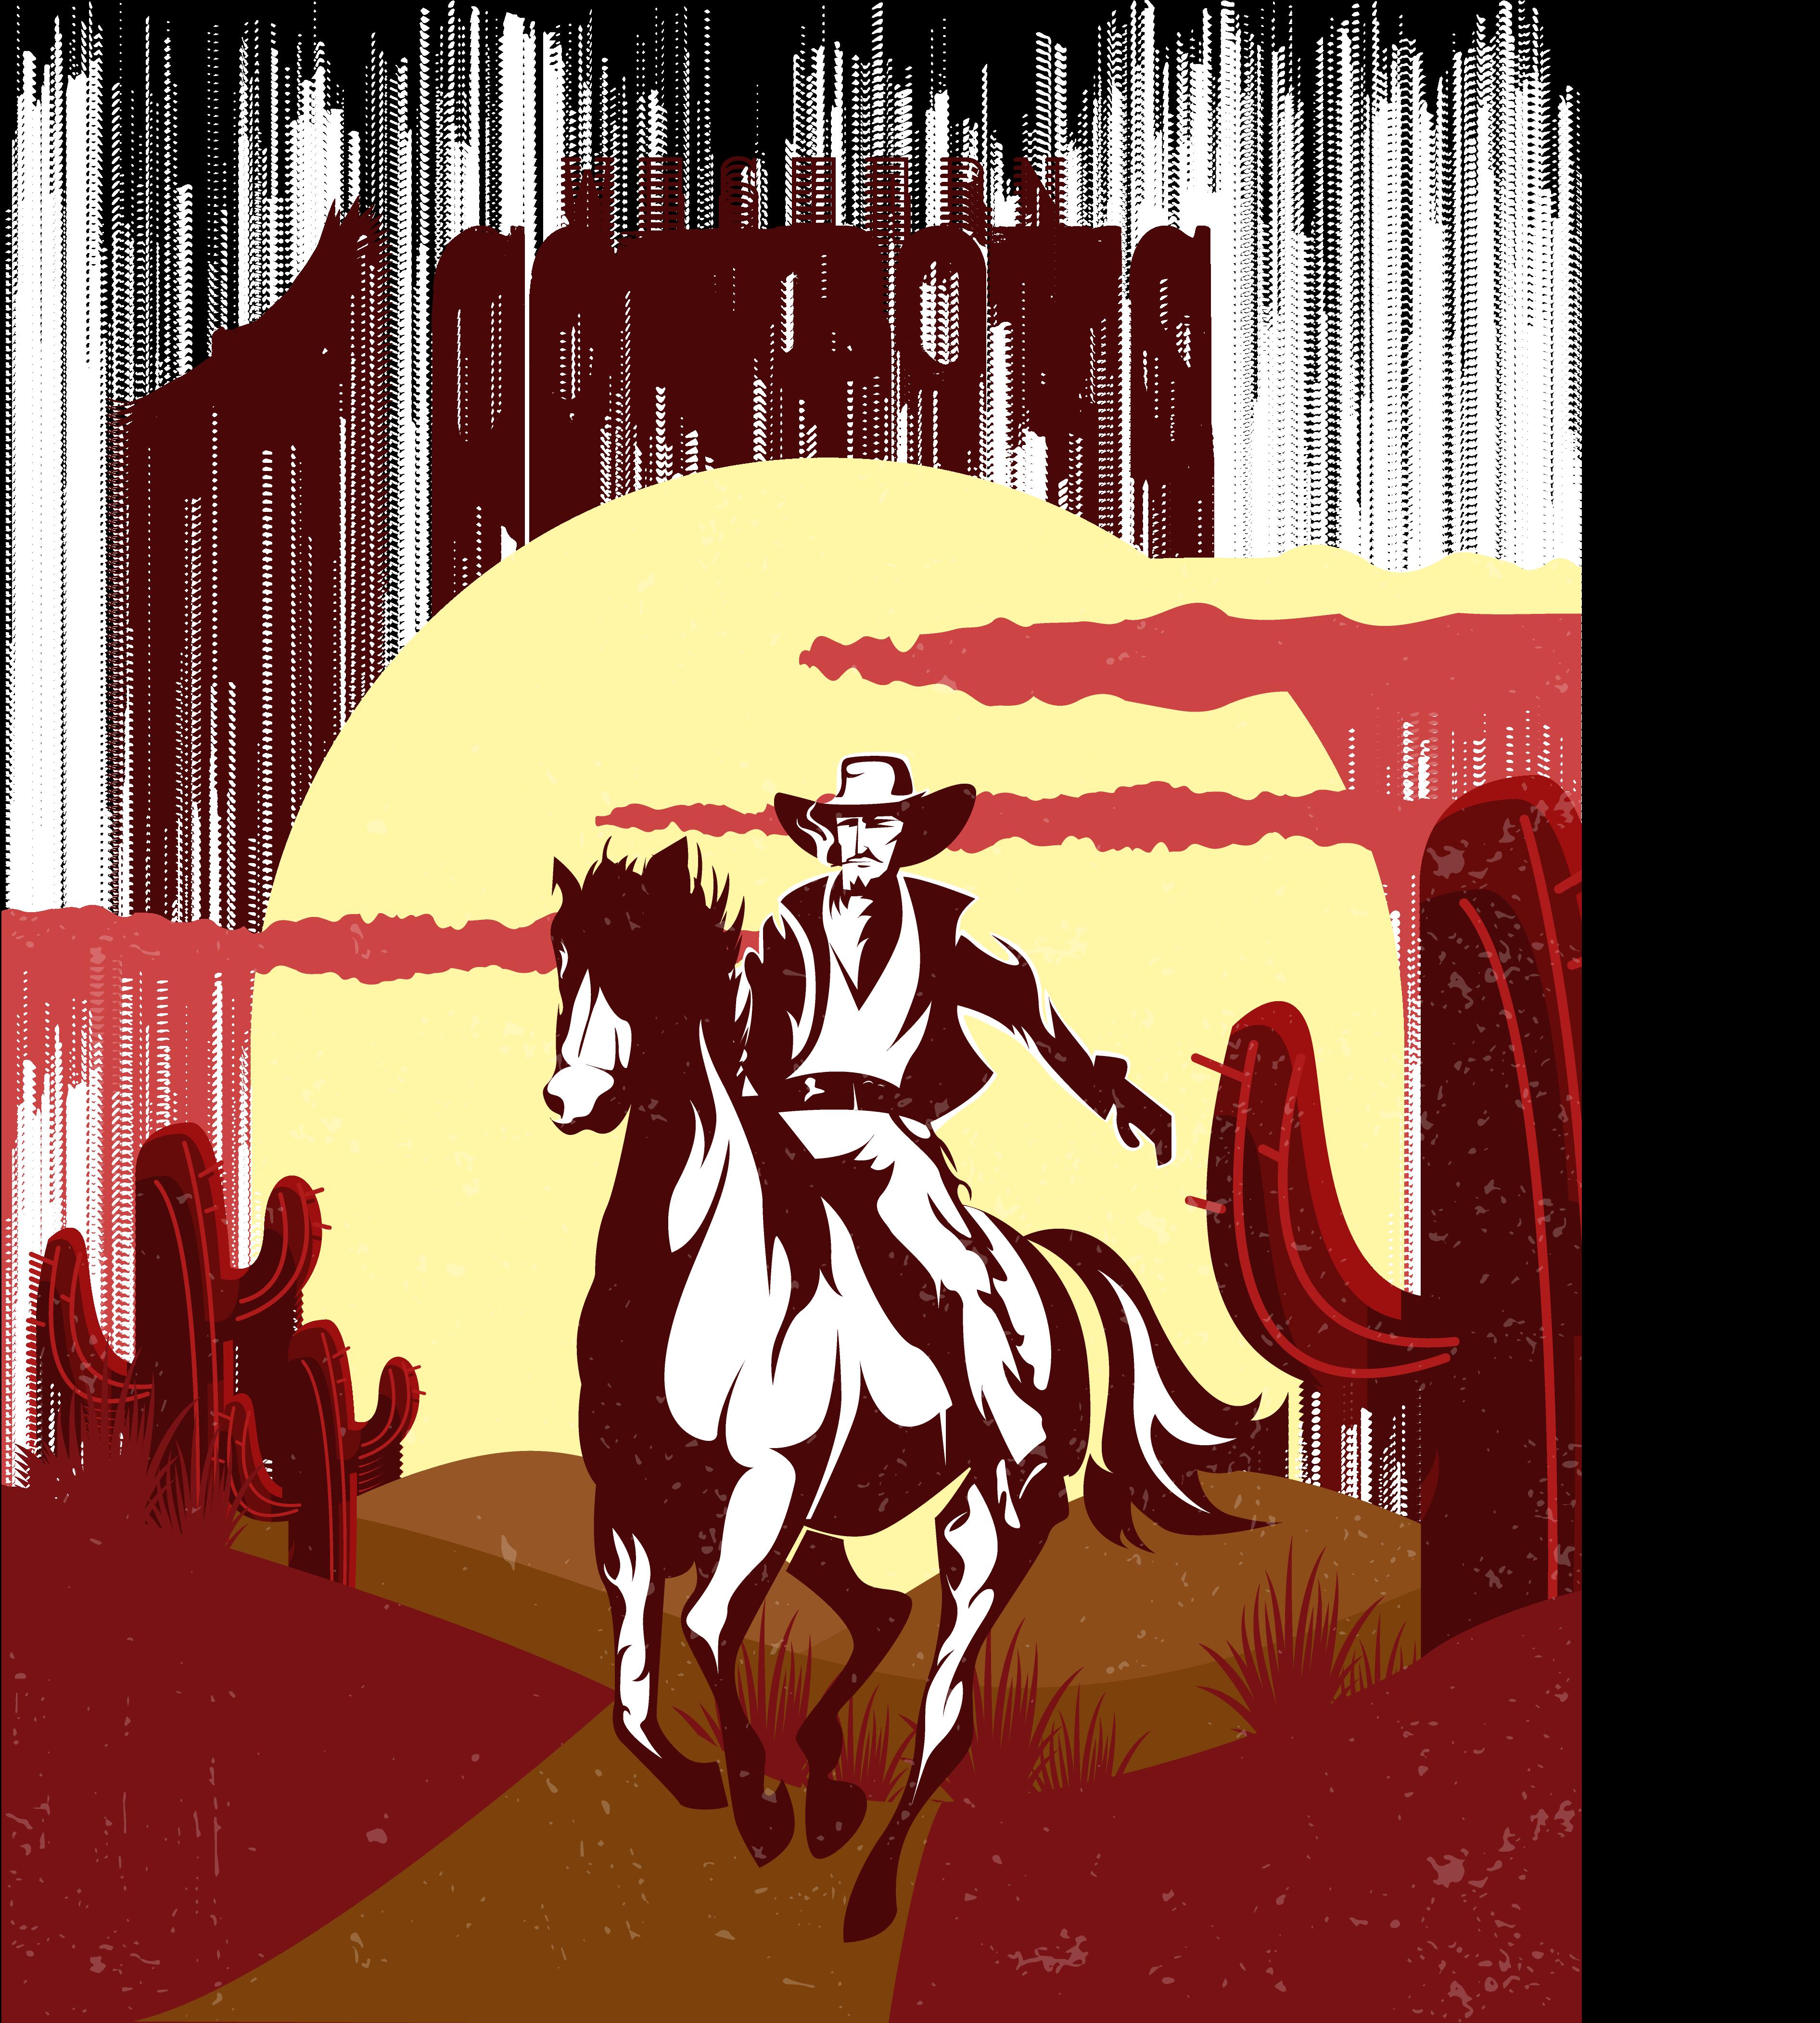 Cowboy Western American frontier Illustration.